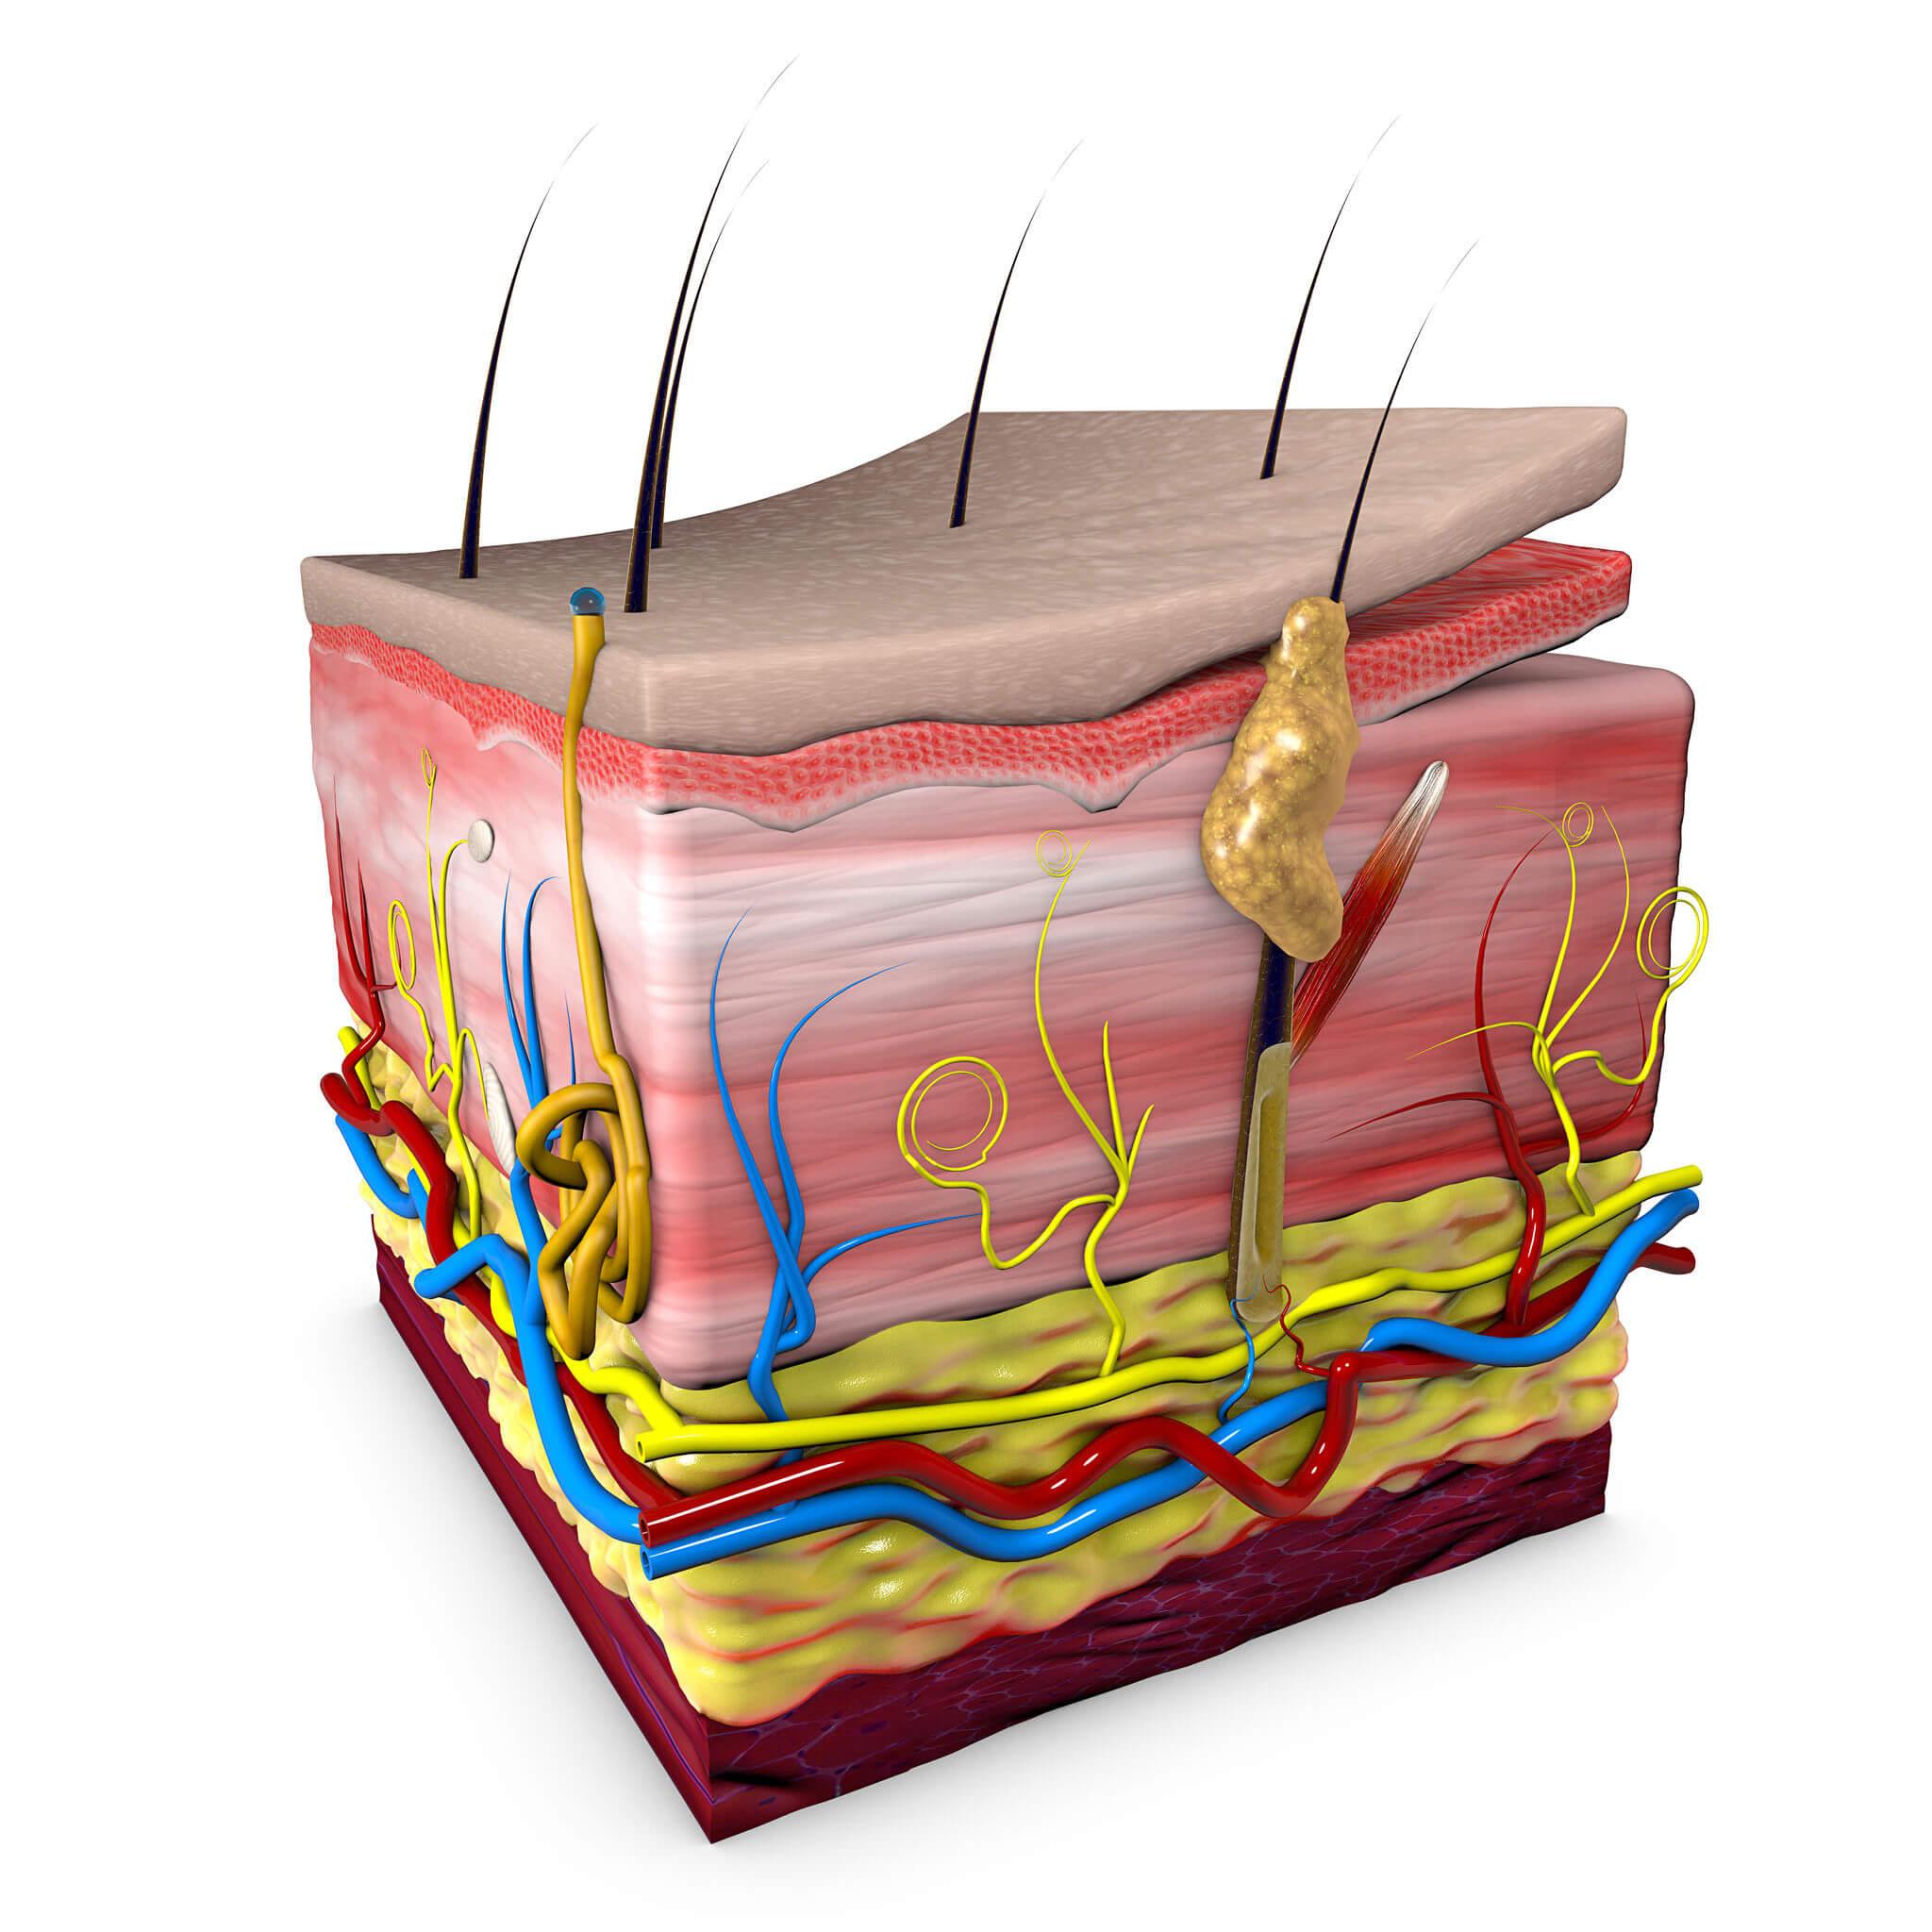 La hiperpigmentación posinflamatoria se relaciona con la melanina